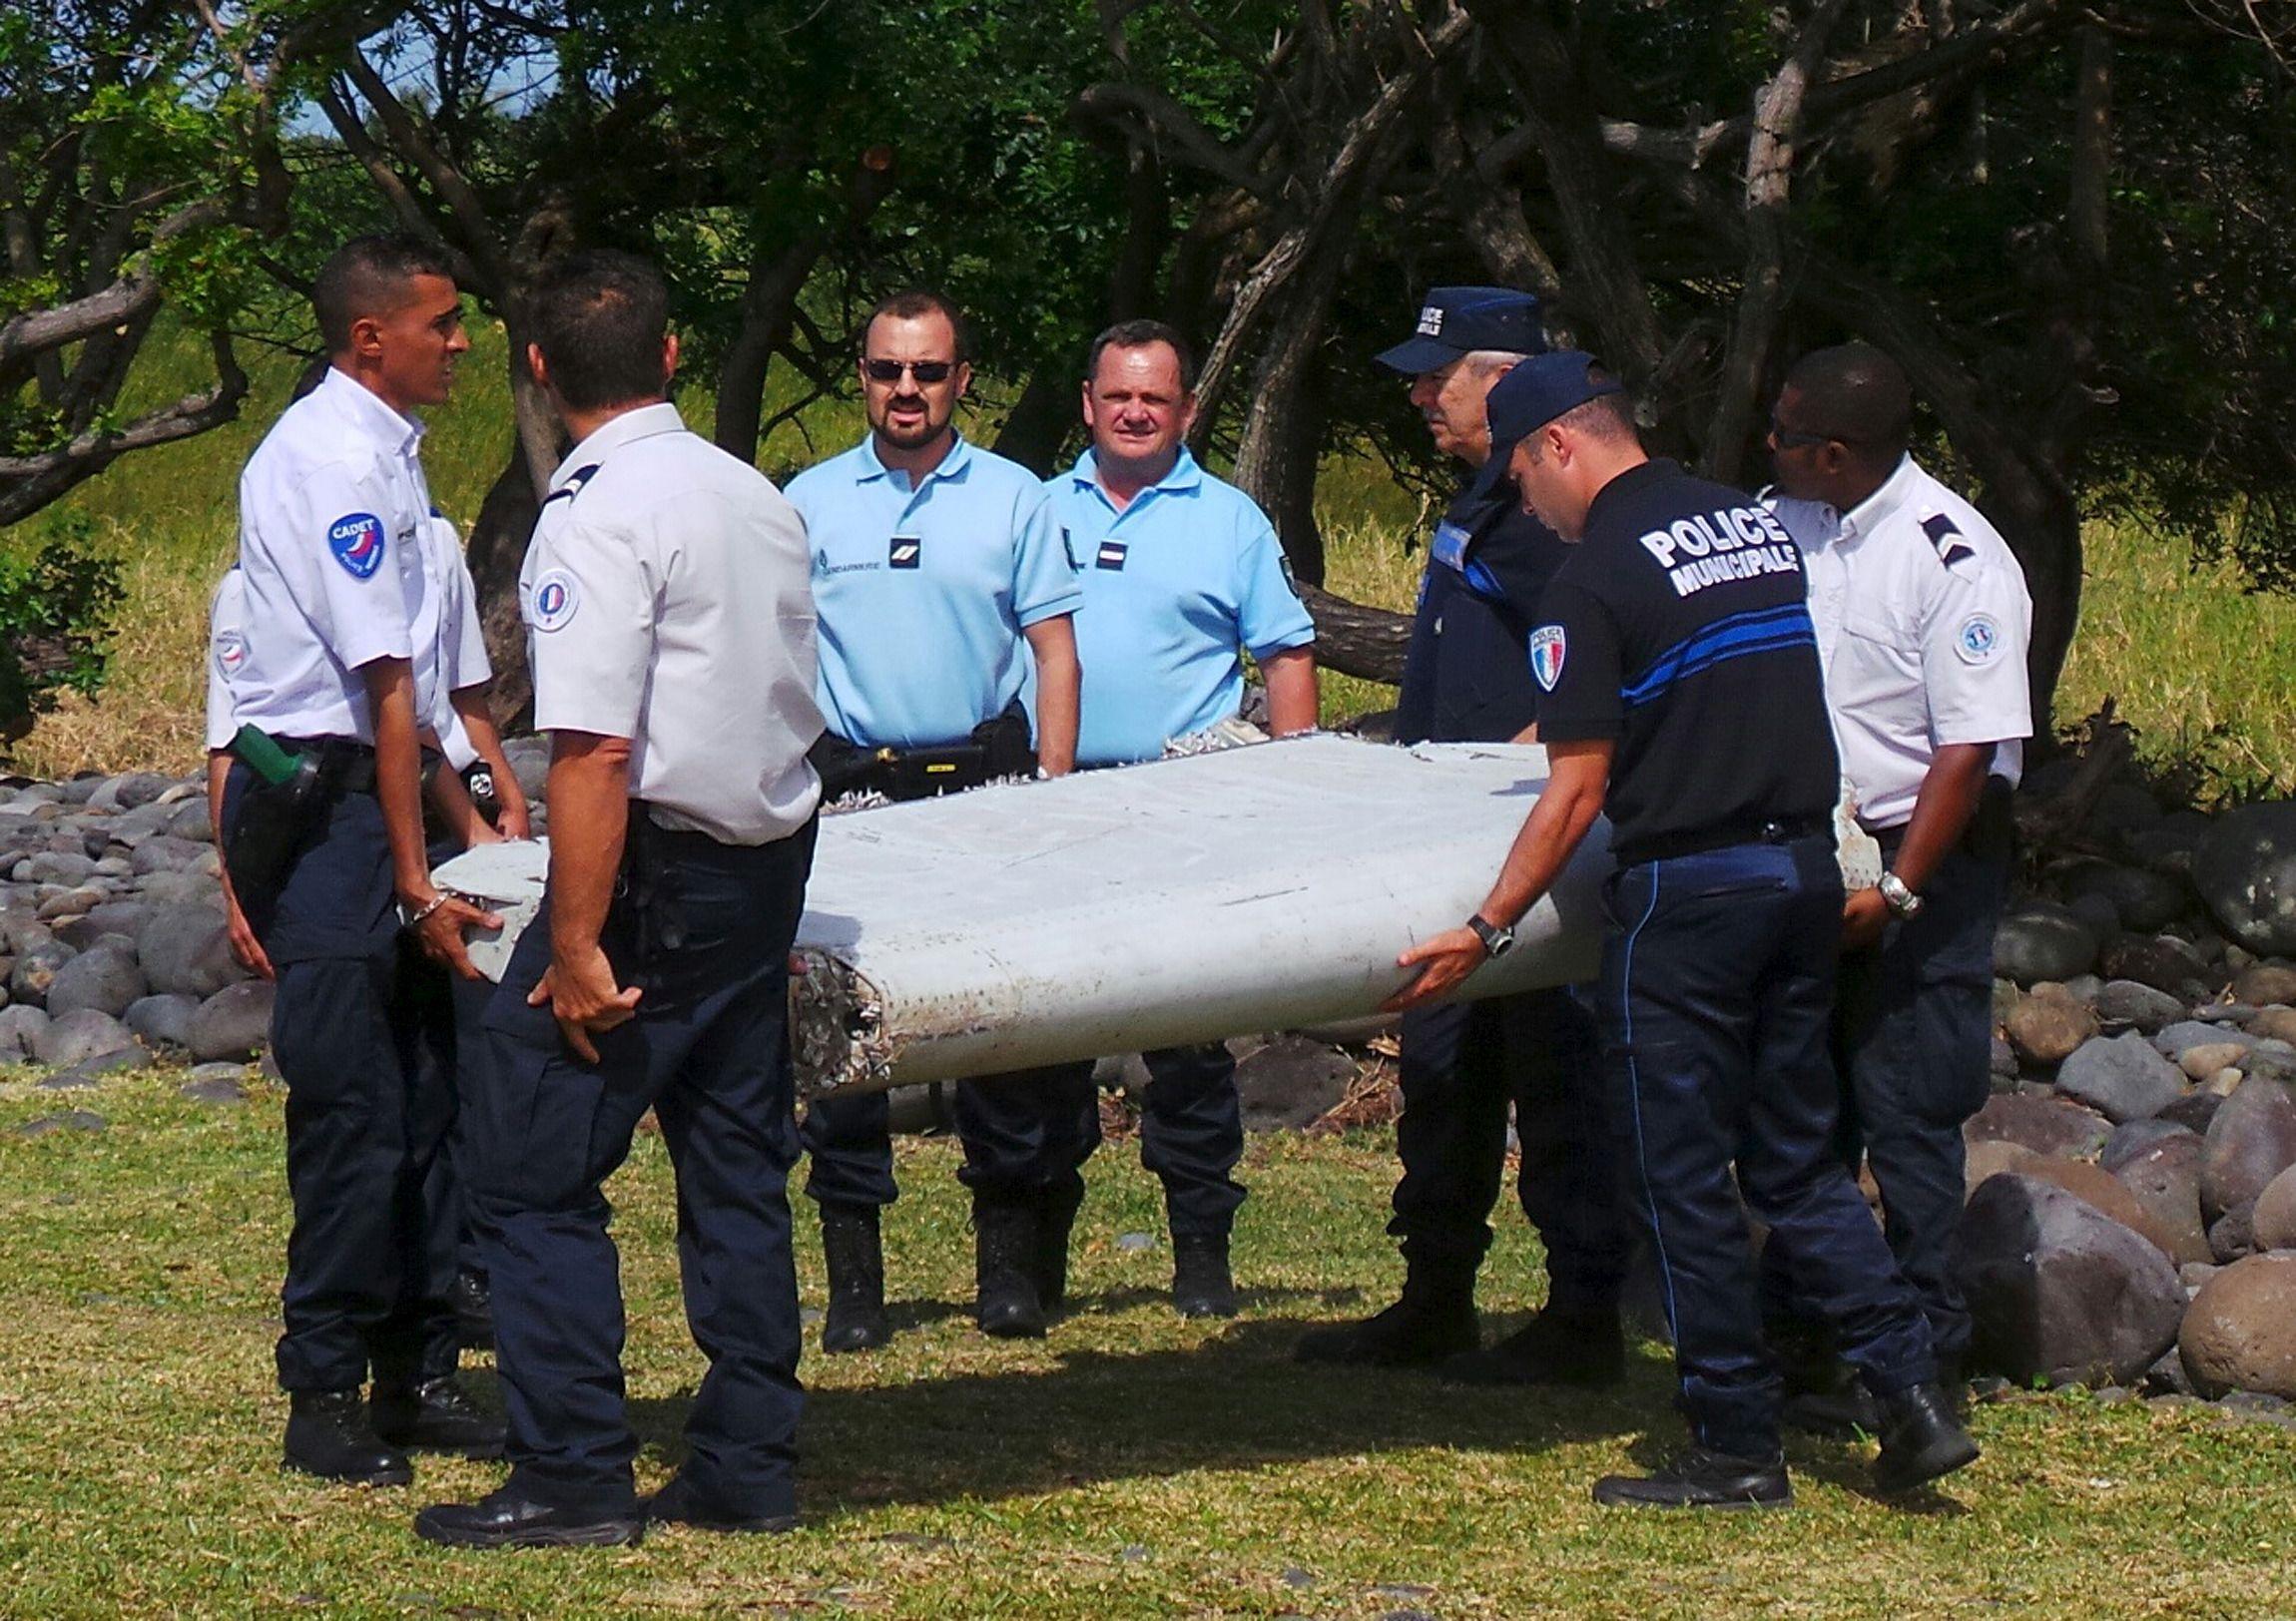 MH370 : le débris d'un Boeing 777 trouvé à La Réunion est arrivé à Paris avant d'être analysé à Toulouse